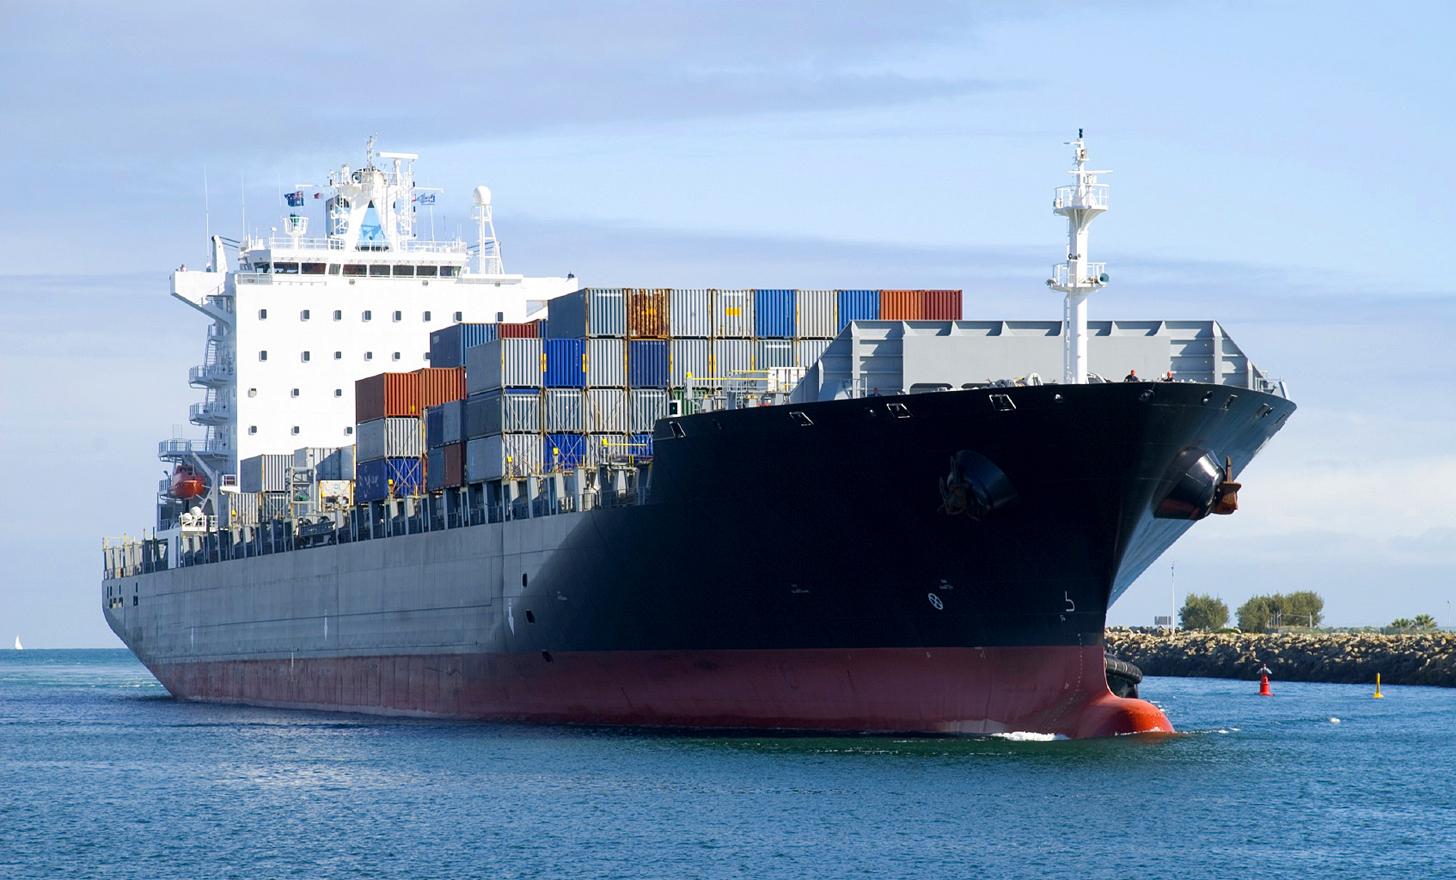 Cung cấp dịch vụ vận tải biển